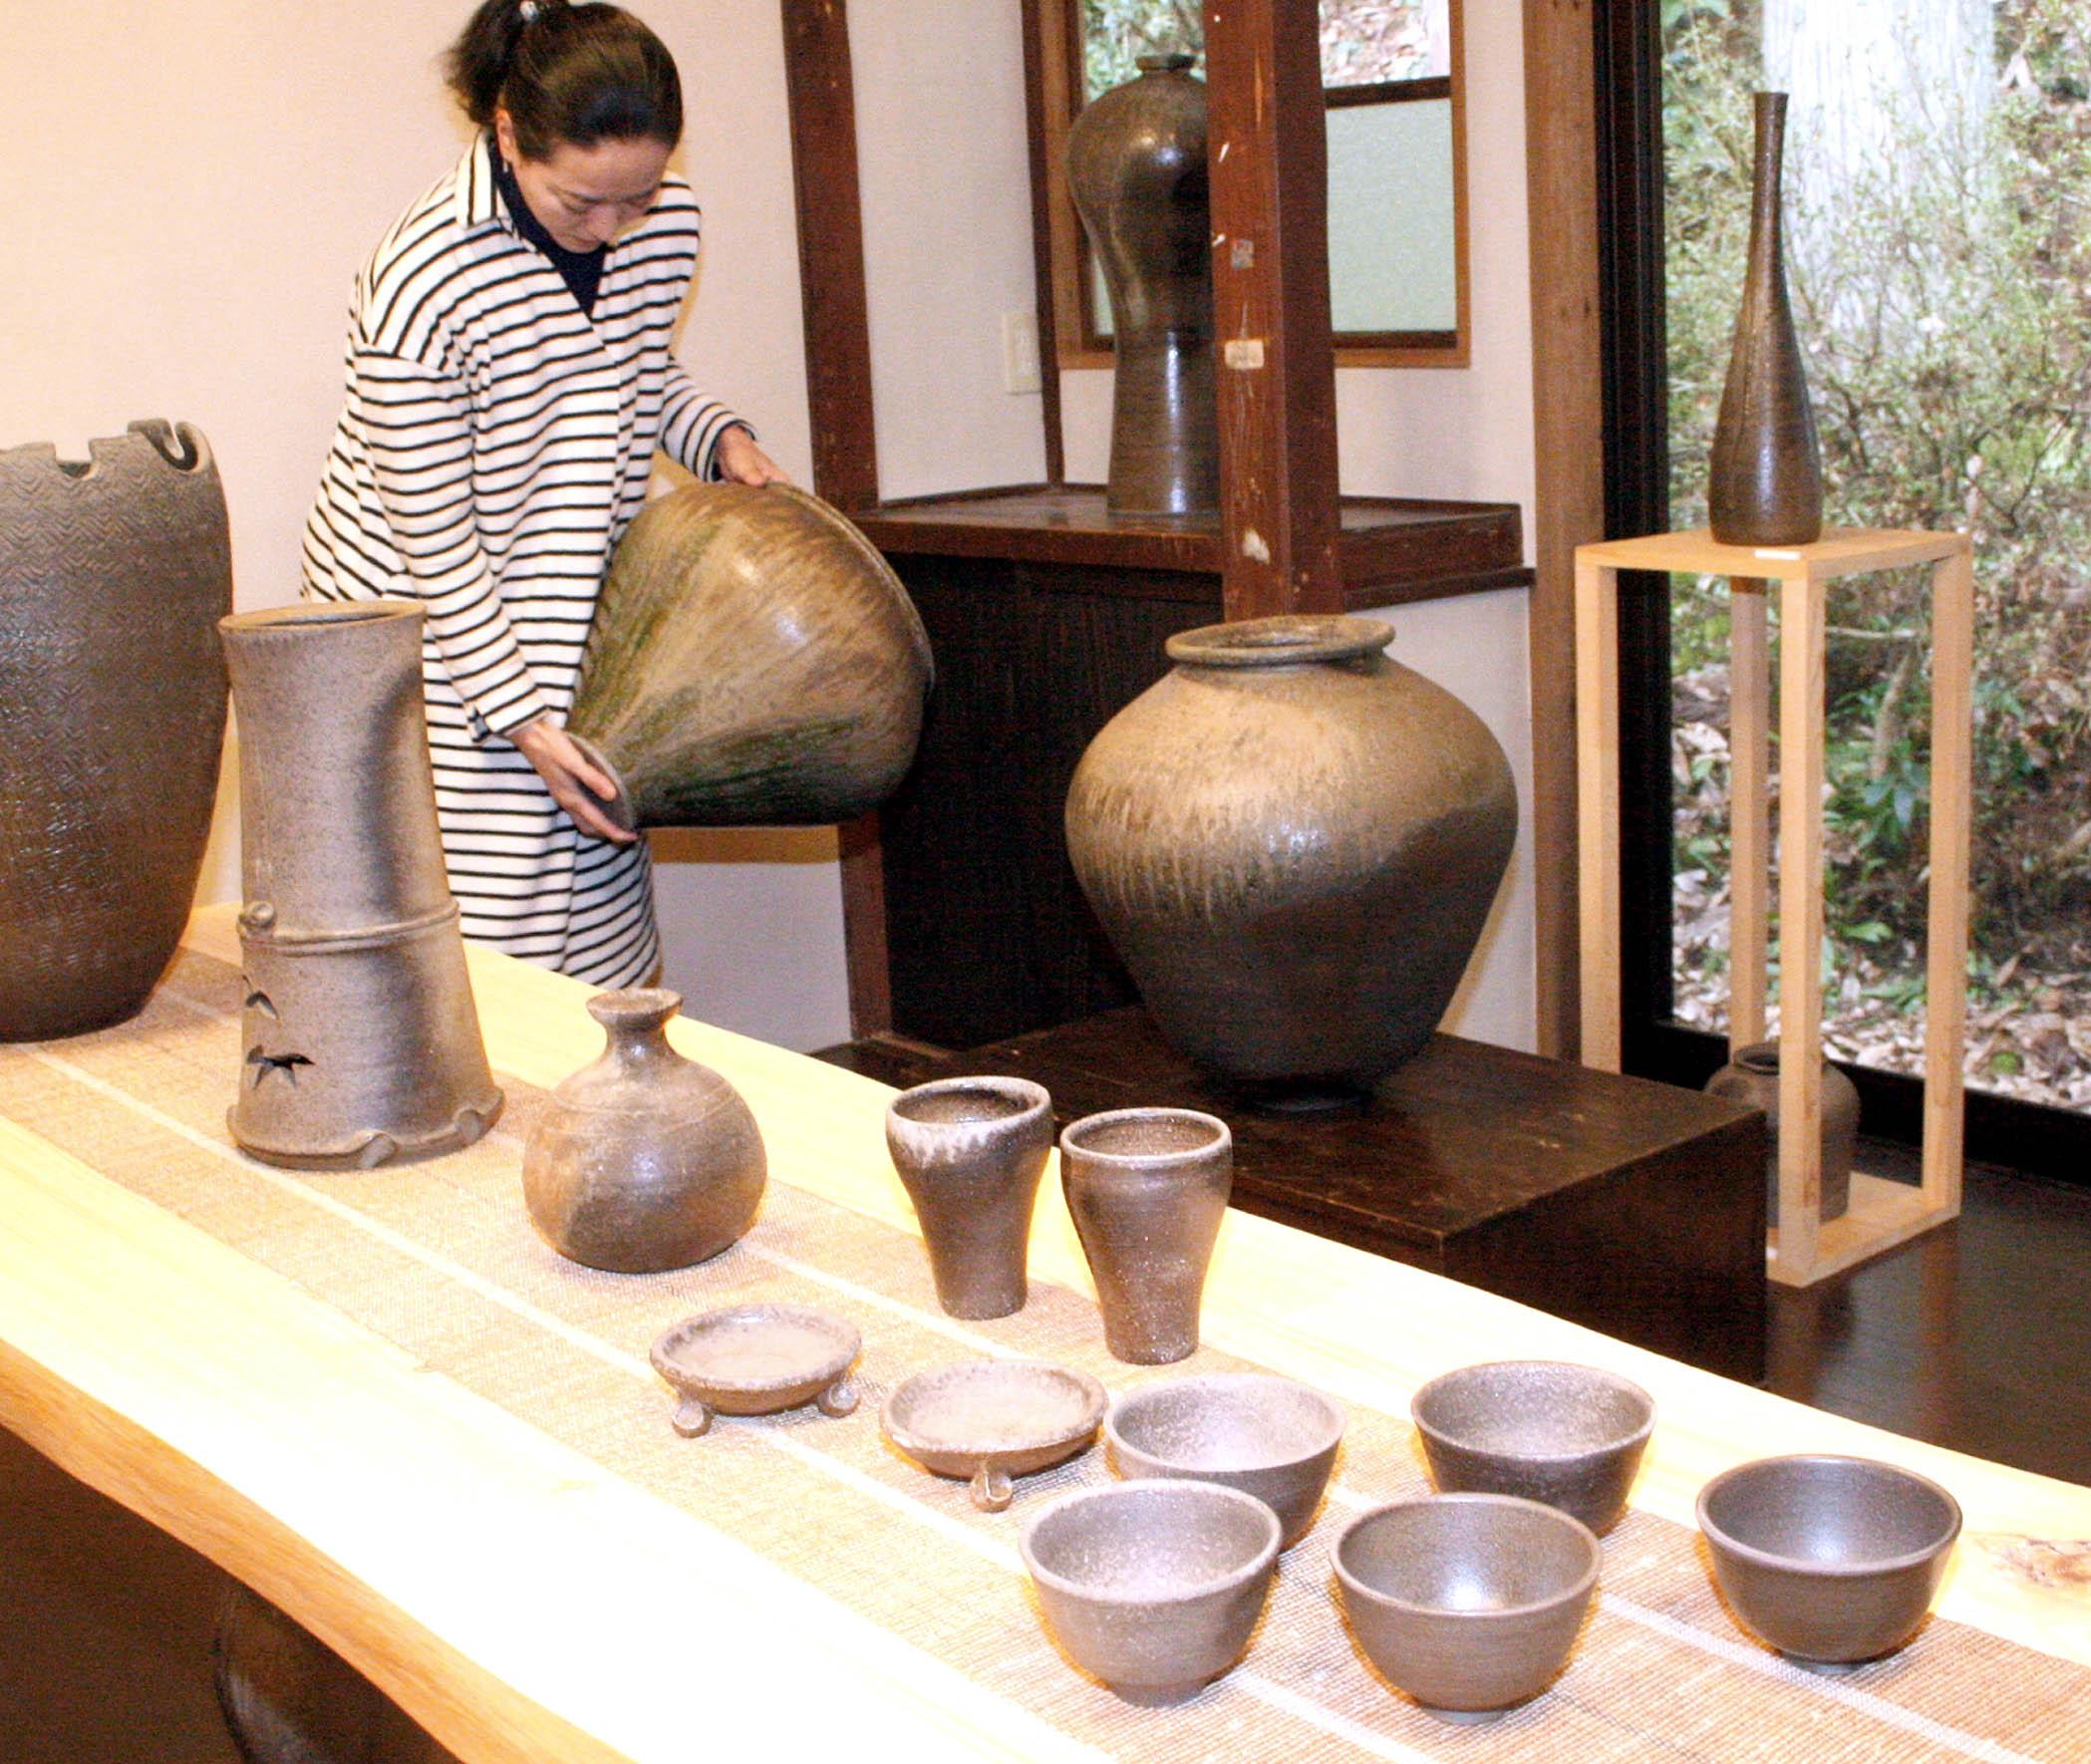 作品展に並ぶ現代陶工の作品=珠洲市内